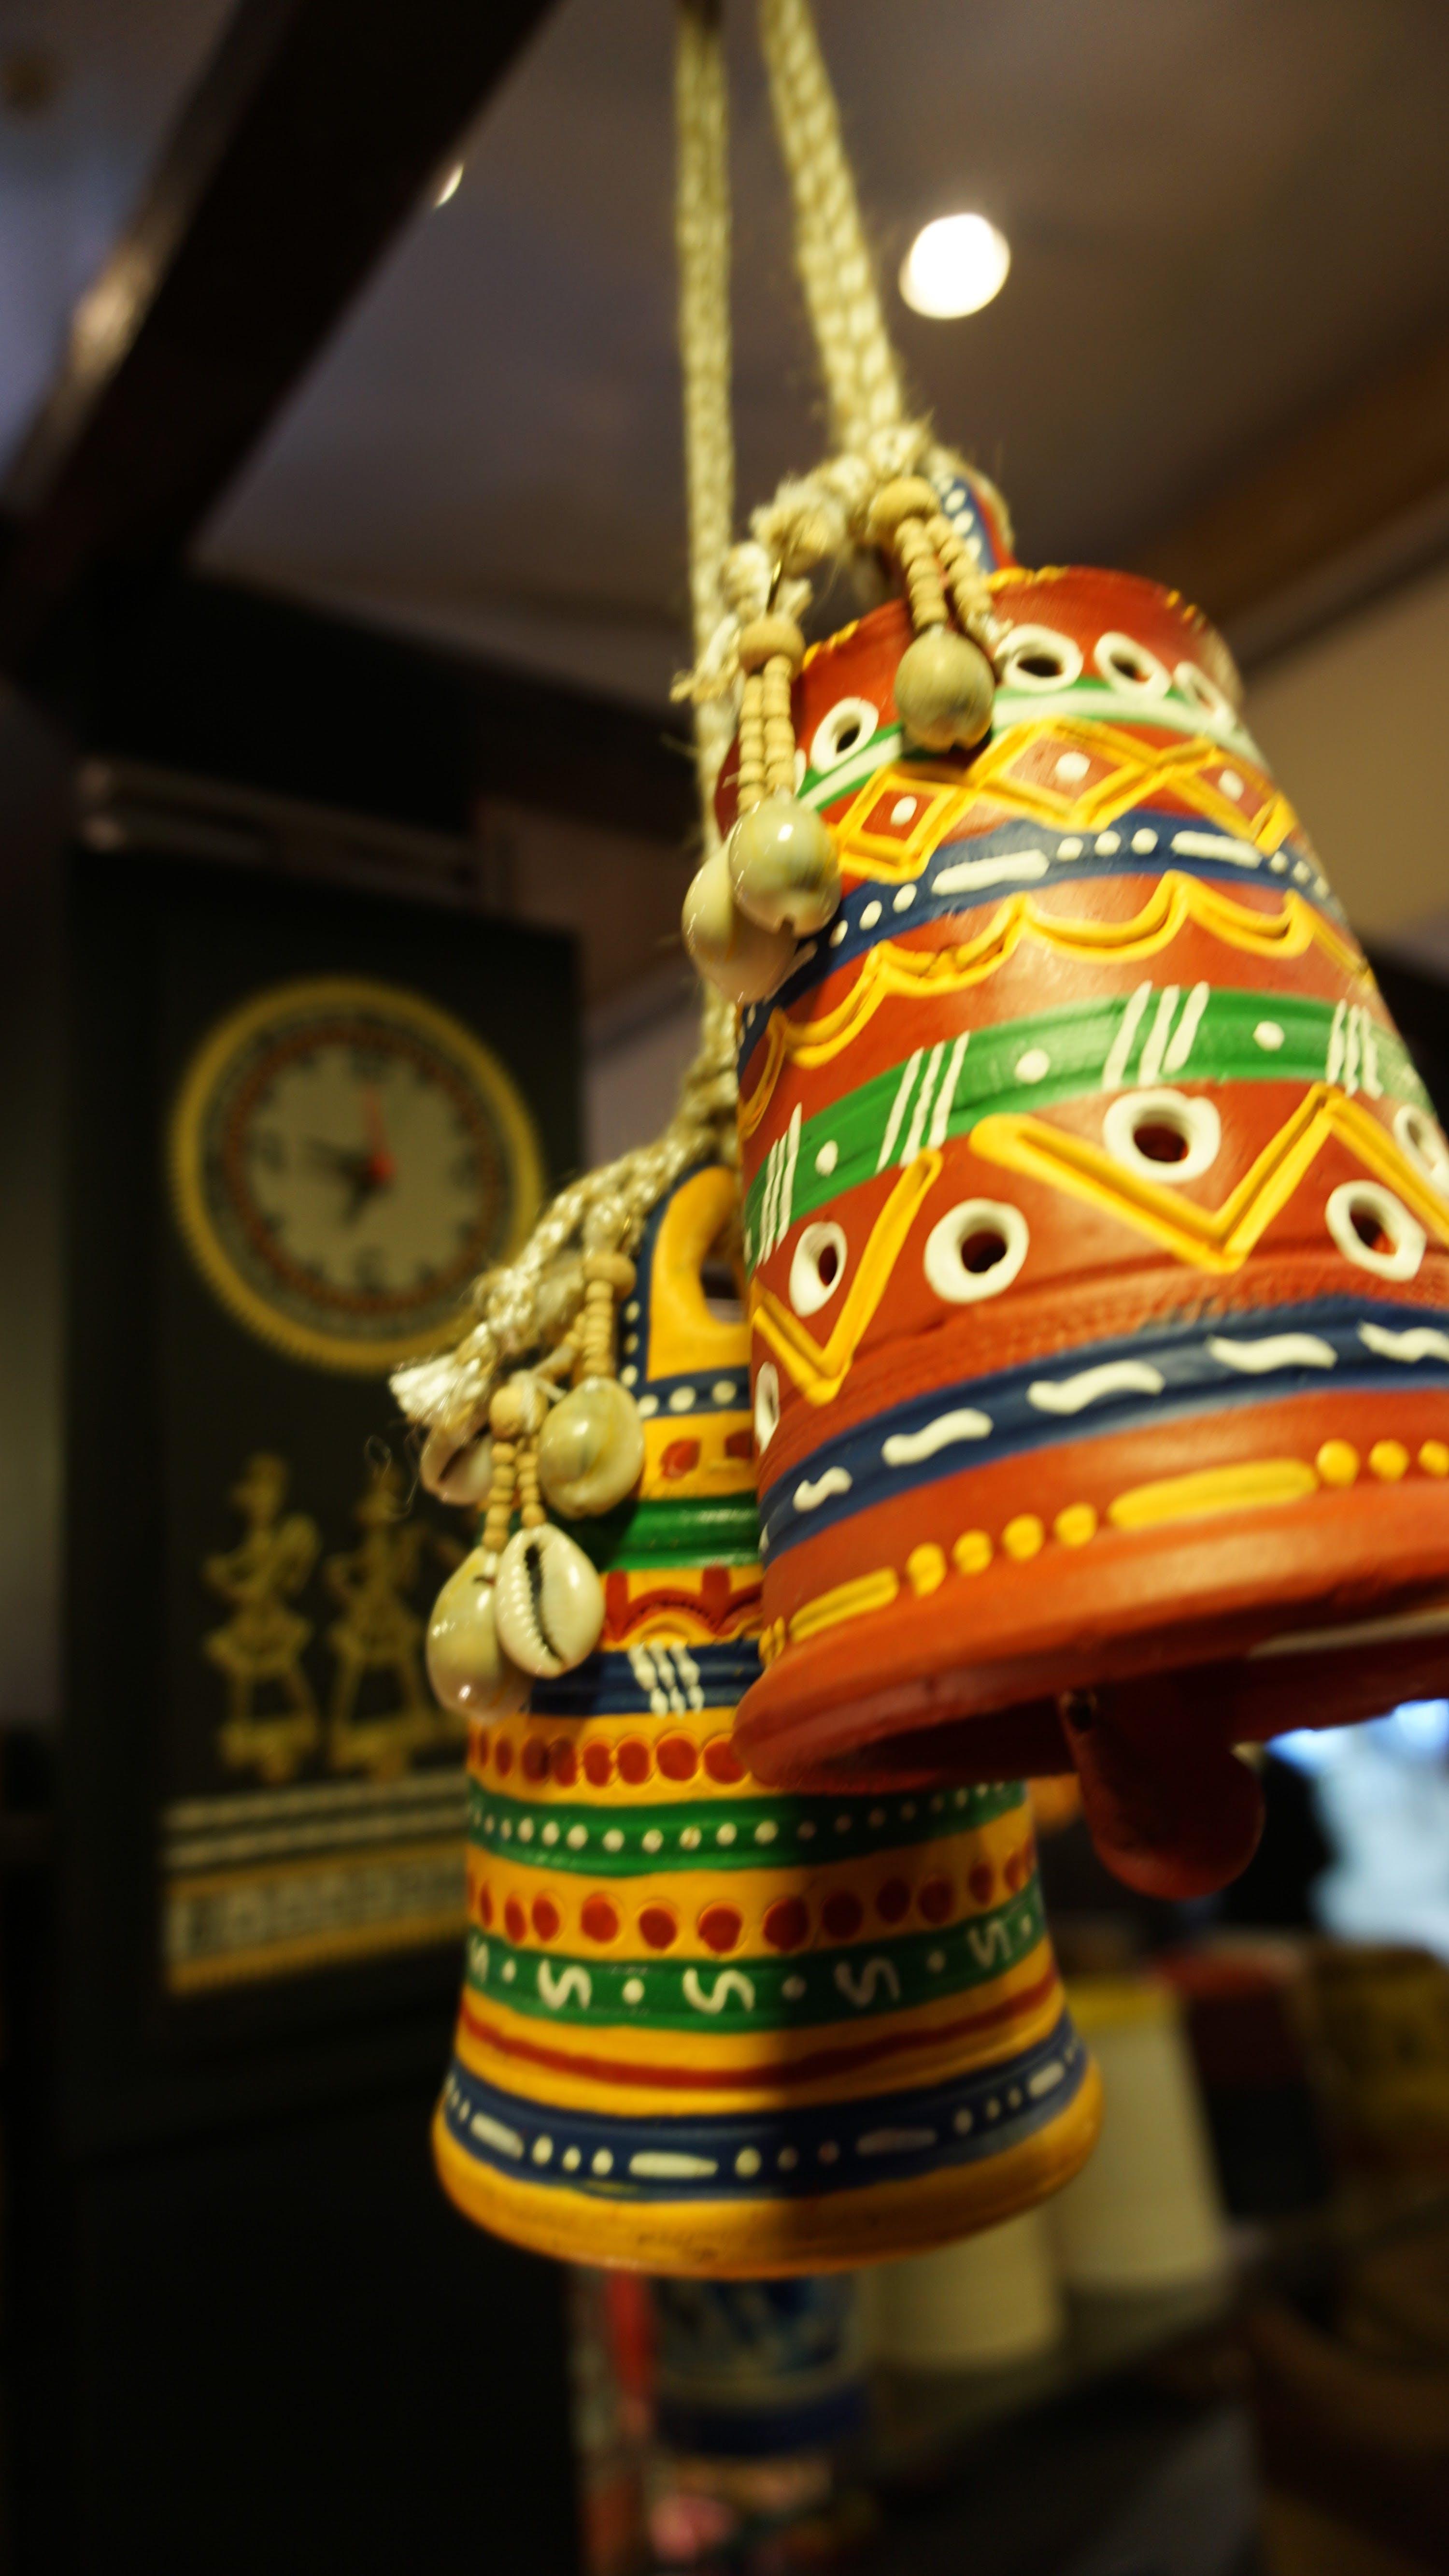 Foto d'estoc gratuïta de art, campanes, decoració d'interiors, decorar